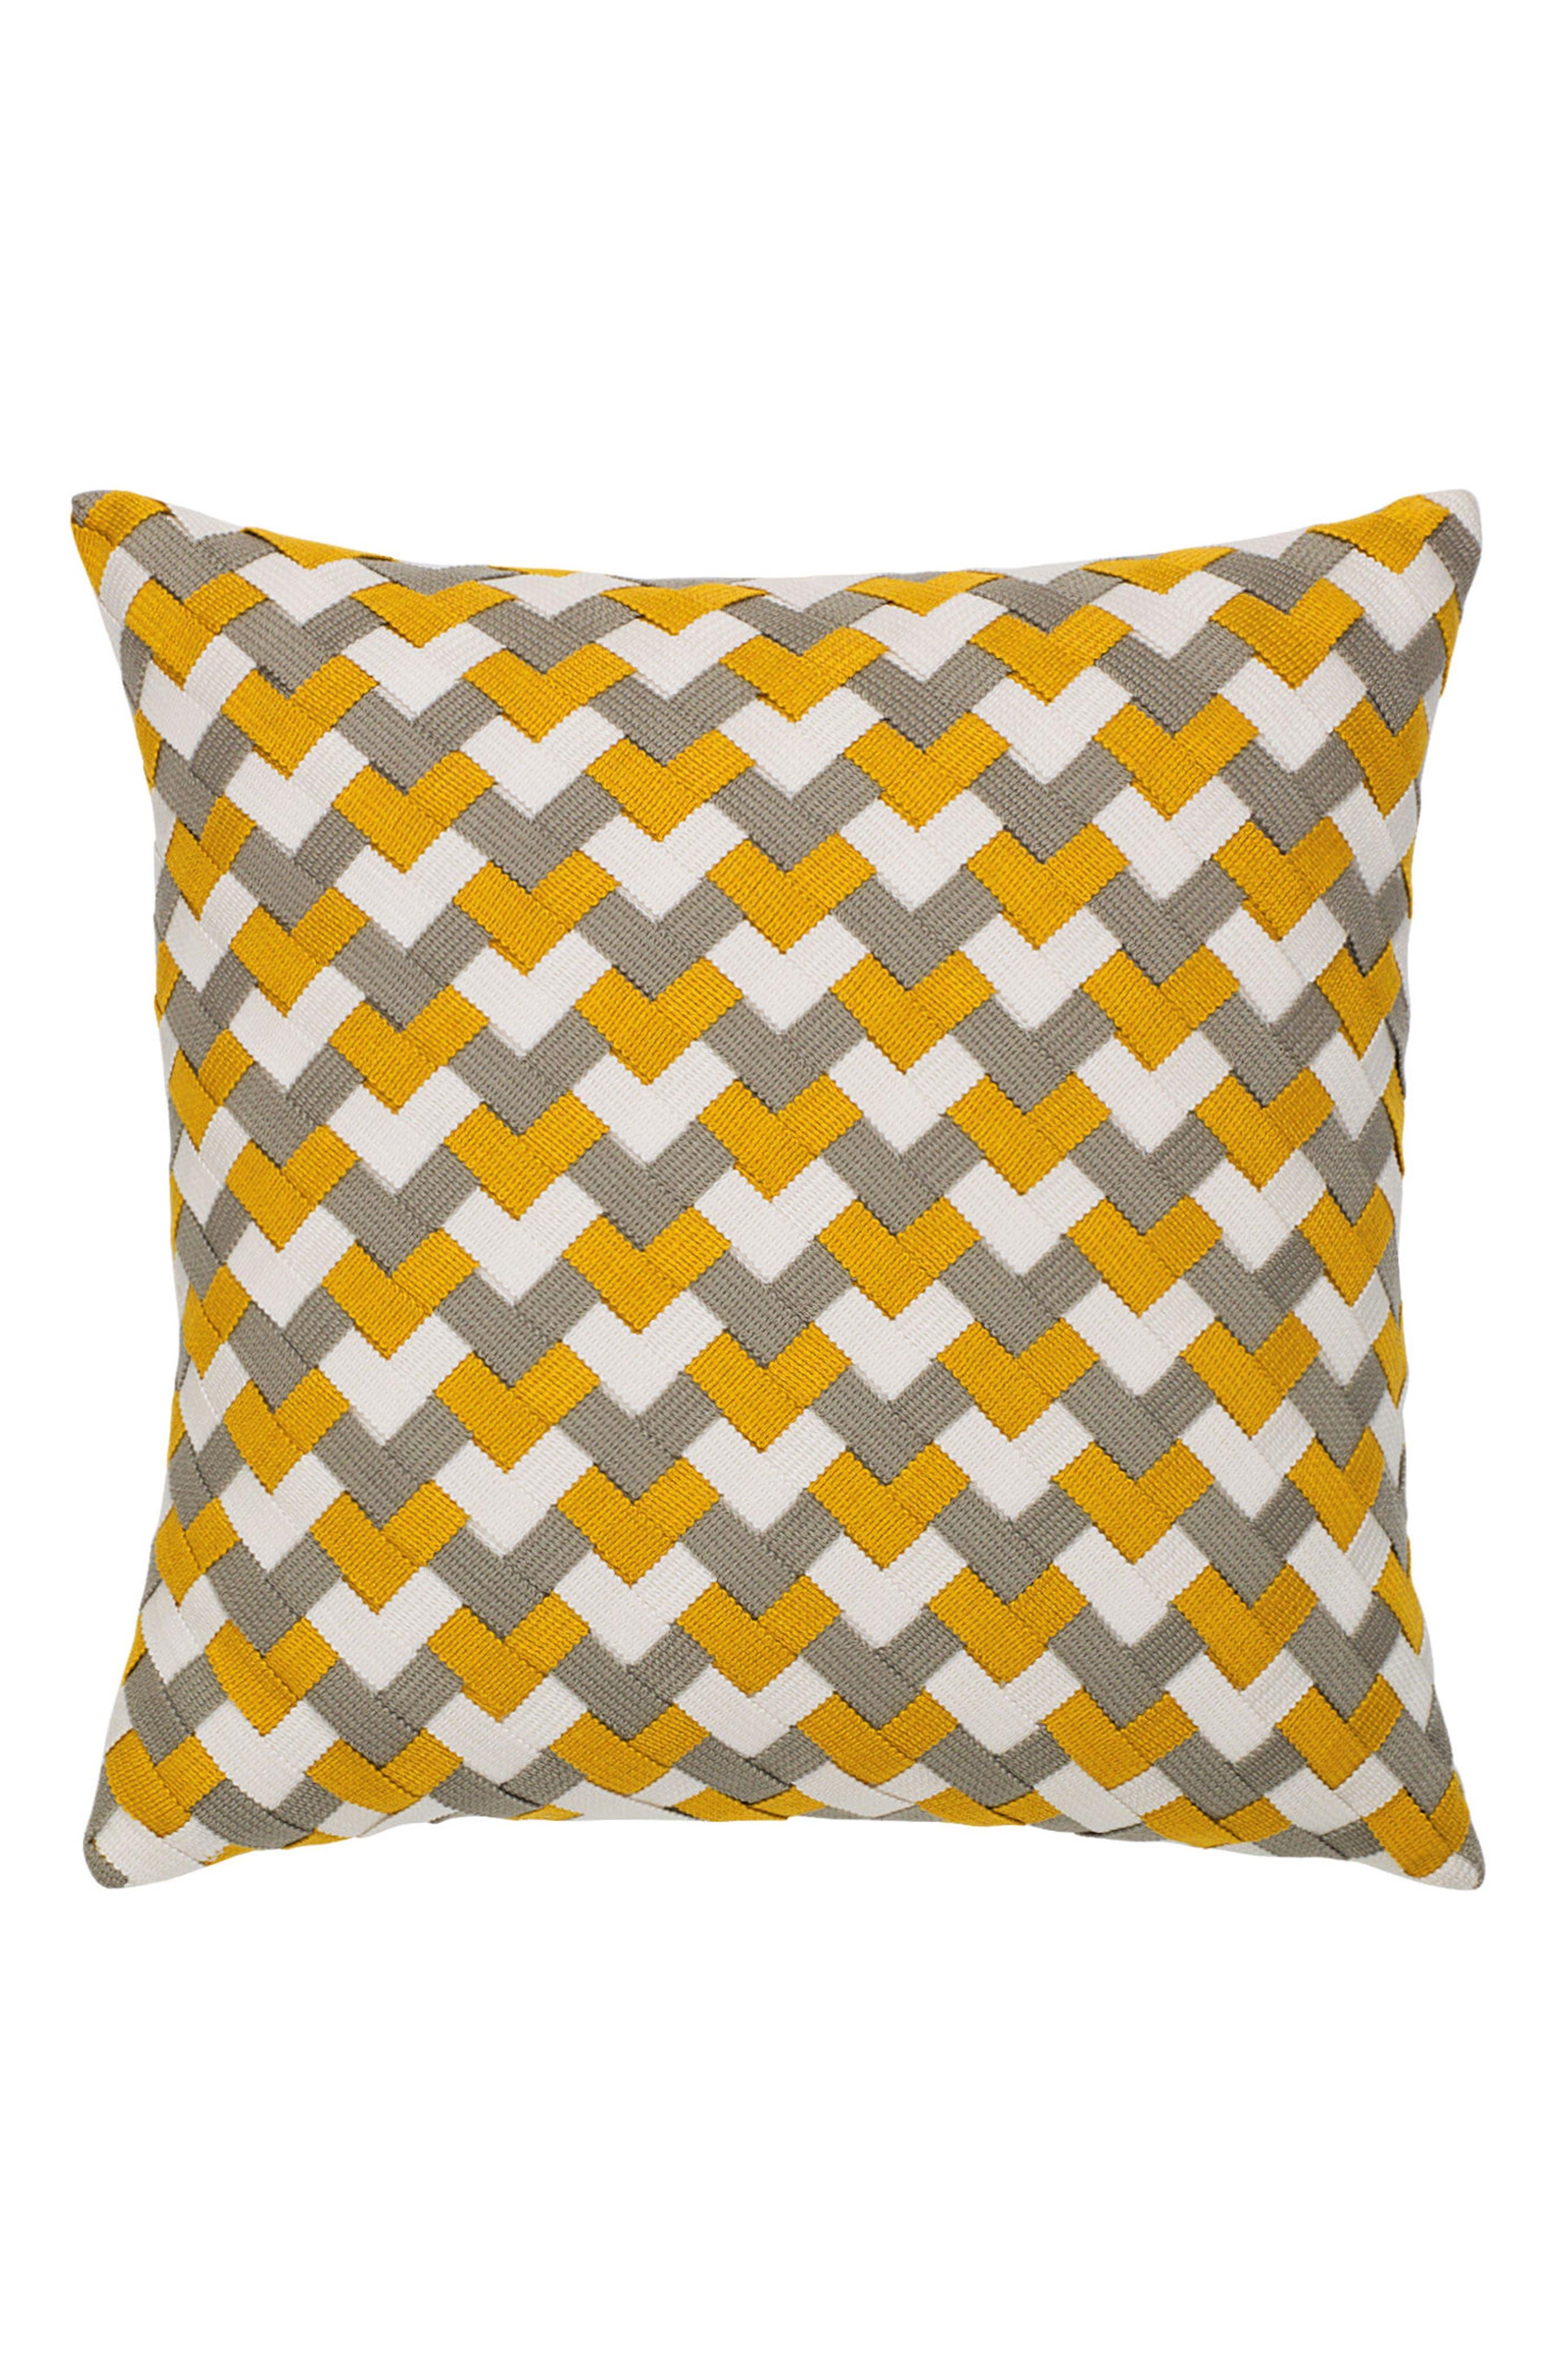 Metallic Basket Weave Indoor/Outdoor Accent Pillow,                         Main,                         color, Gold/ Grey